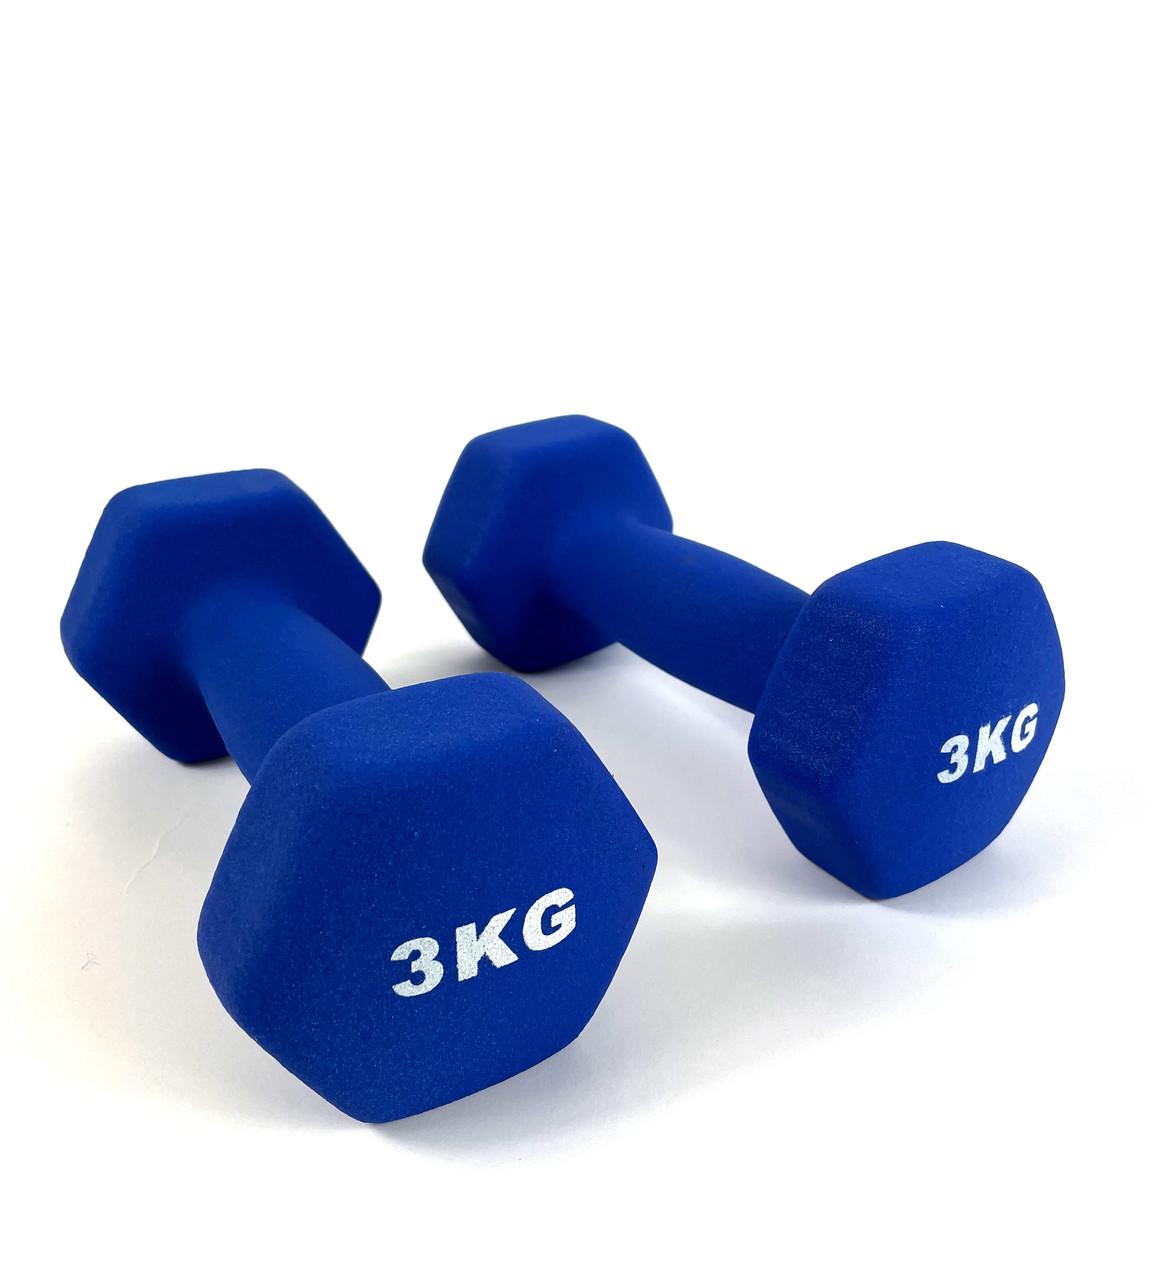 Гантелі для фітнеса NEO-SPORT 3 кг. x 2 шт., метал з вініловим покриттям (сині), фото 1